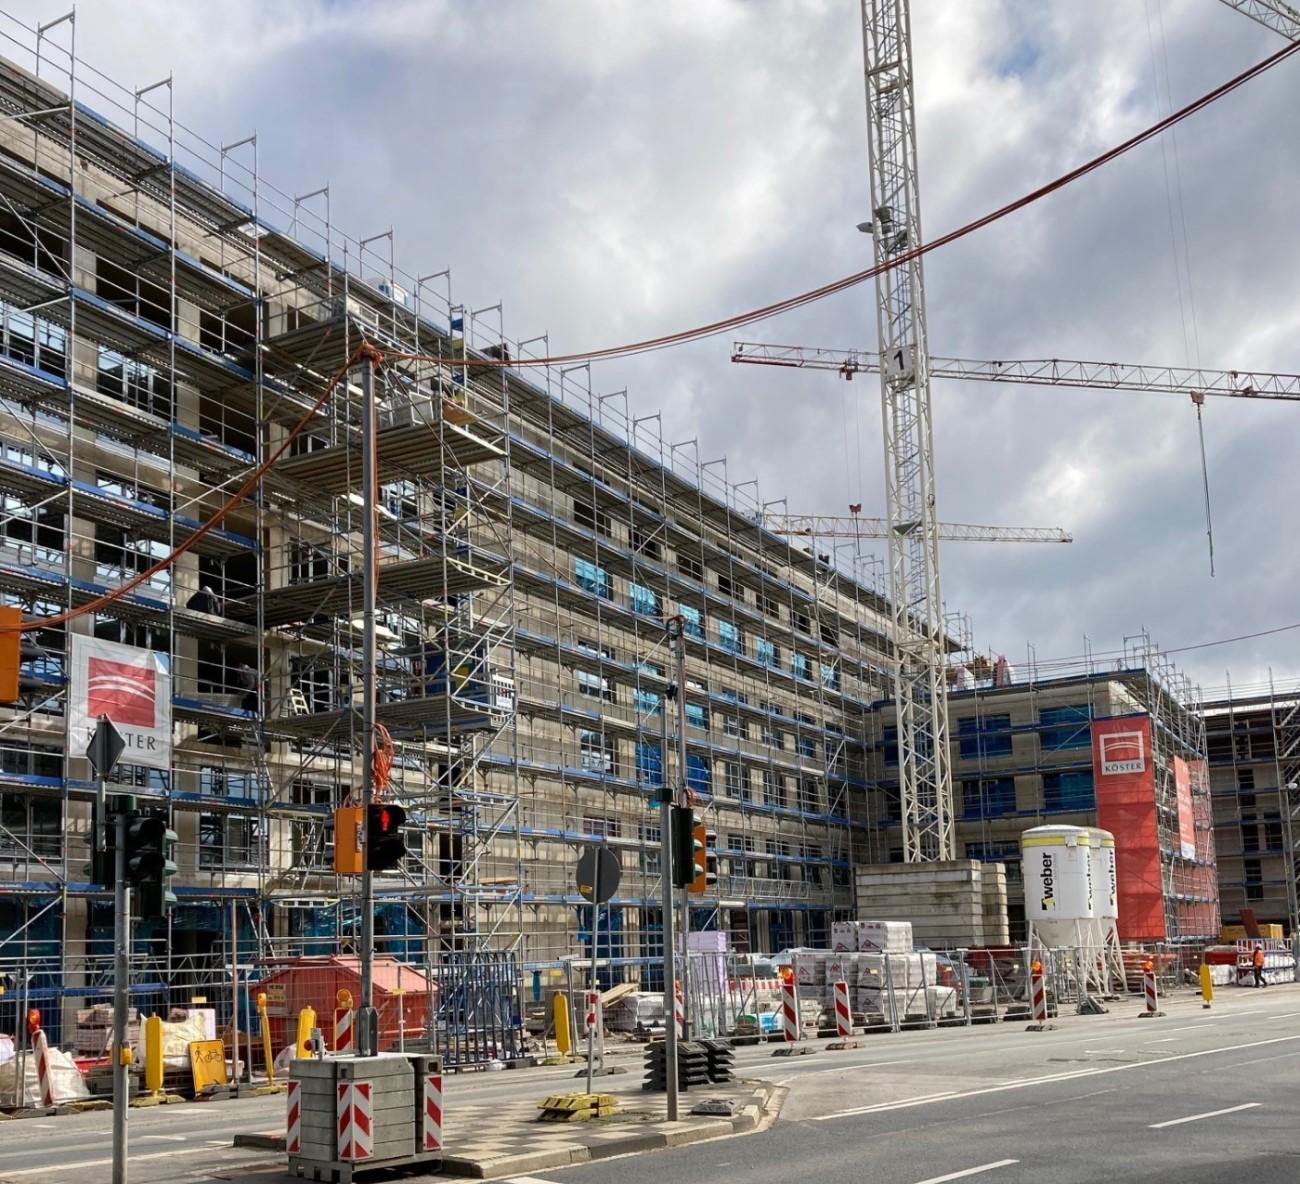 Fenstereinbau Freigeist Hotel Sartorius Quartier Göttingen Weender Landstraße